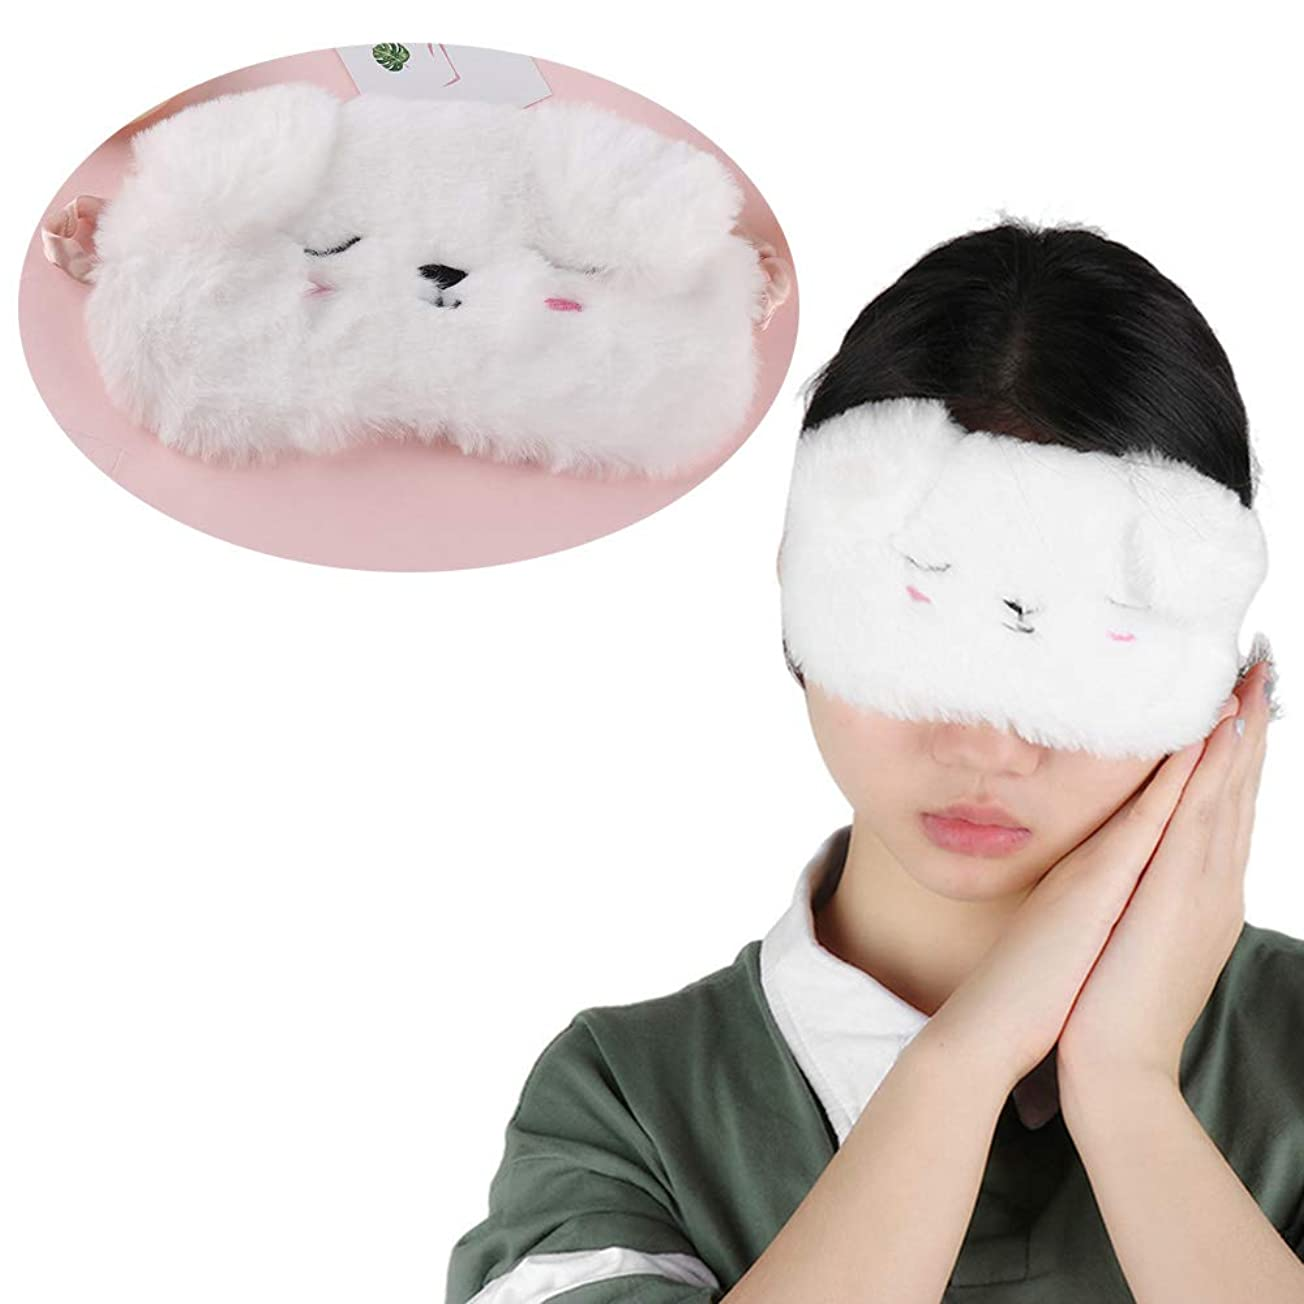 ポークキャプテンホップNOTE 漫画黒白猫子猫アイマスクホームトラベルゴーグルシェーディング睡眠仮眠アイマスク睡眠&いびきアイマスク睡眠アイシェード